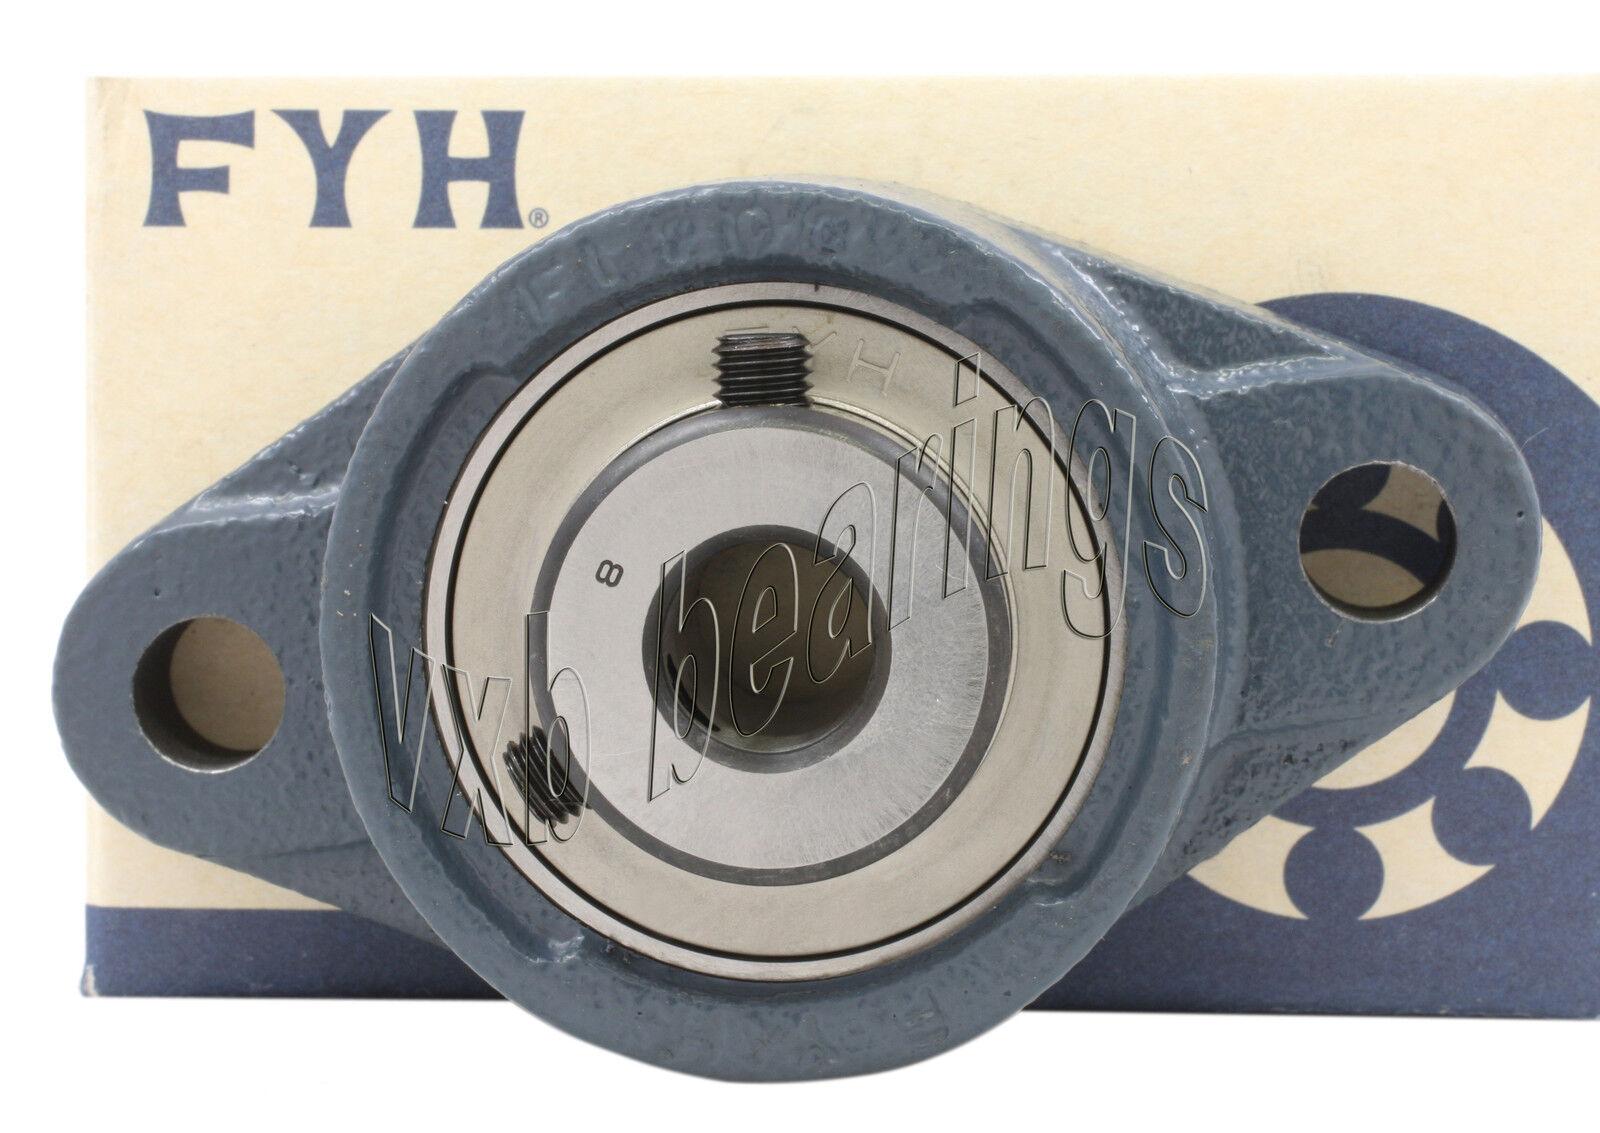 FYH Bearing UCFL213 65mm Flanged Mounted Bearings 11262